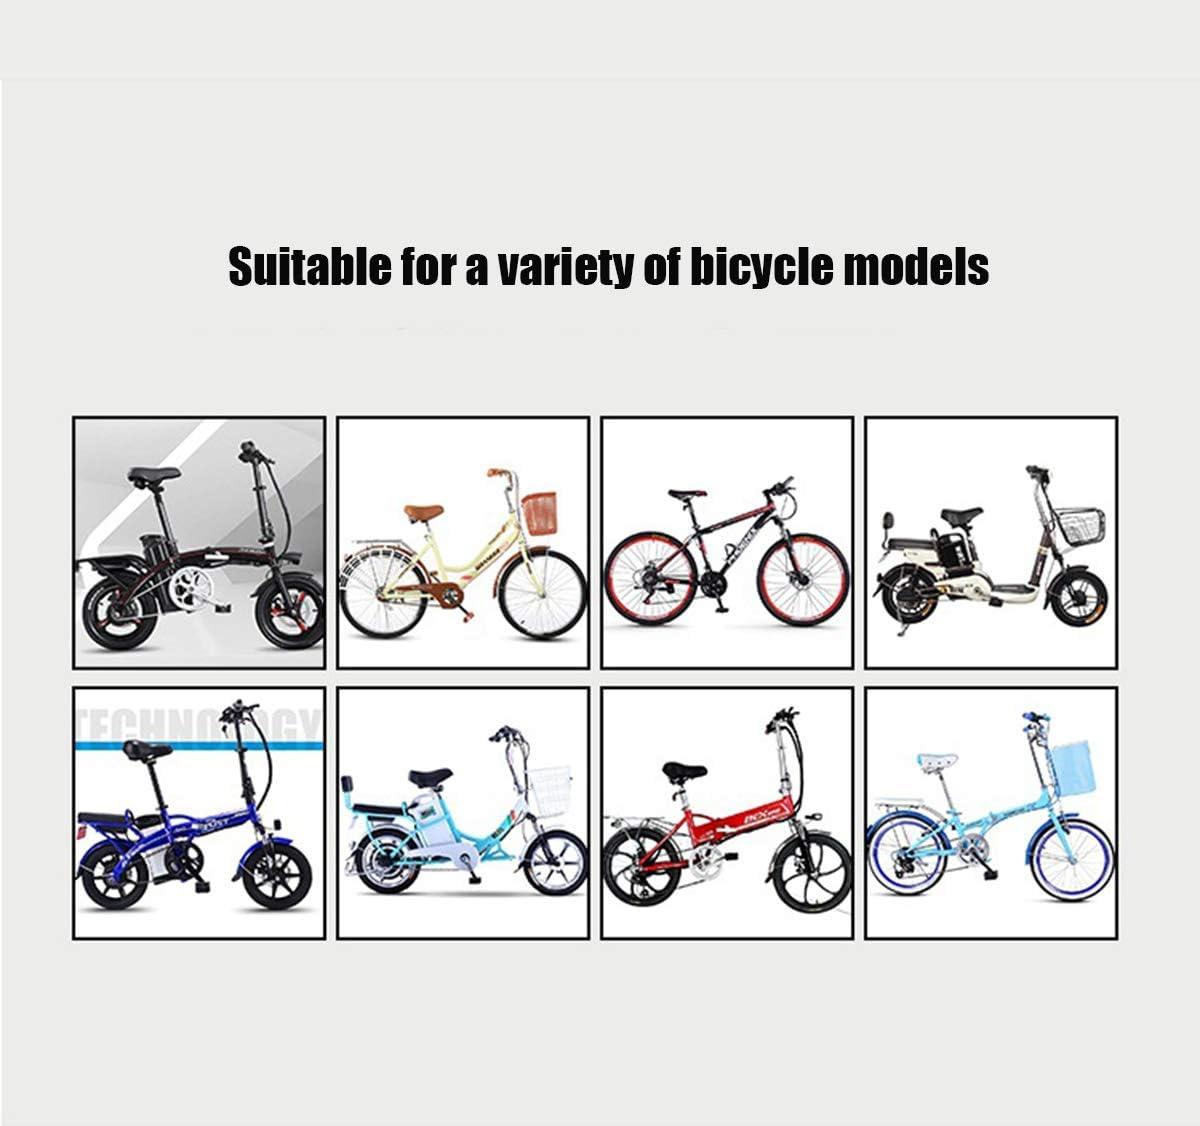 Saturey Asiento De Bicicleta Delantero para Ni/ños Asiento De Ni/ño Bicicleta Desmontable Bicicleta Asiento De Ni/ño Delantero con Pedal Y Asa Bicicleta De Monta/ña Asiento De Ni/ño Teniendo 40 Kg